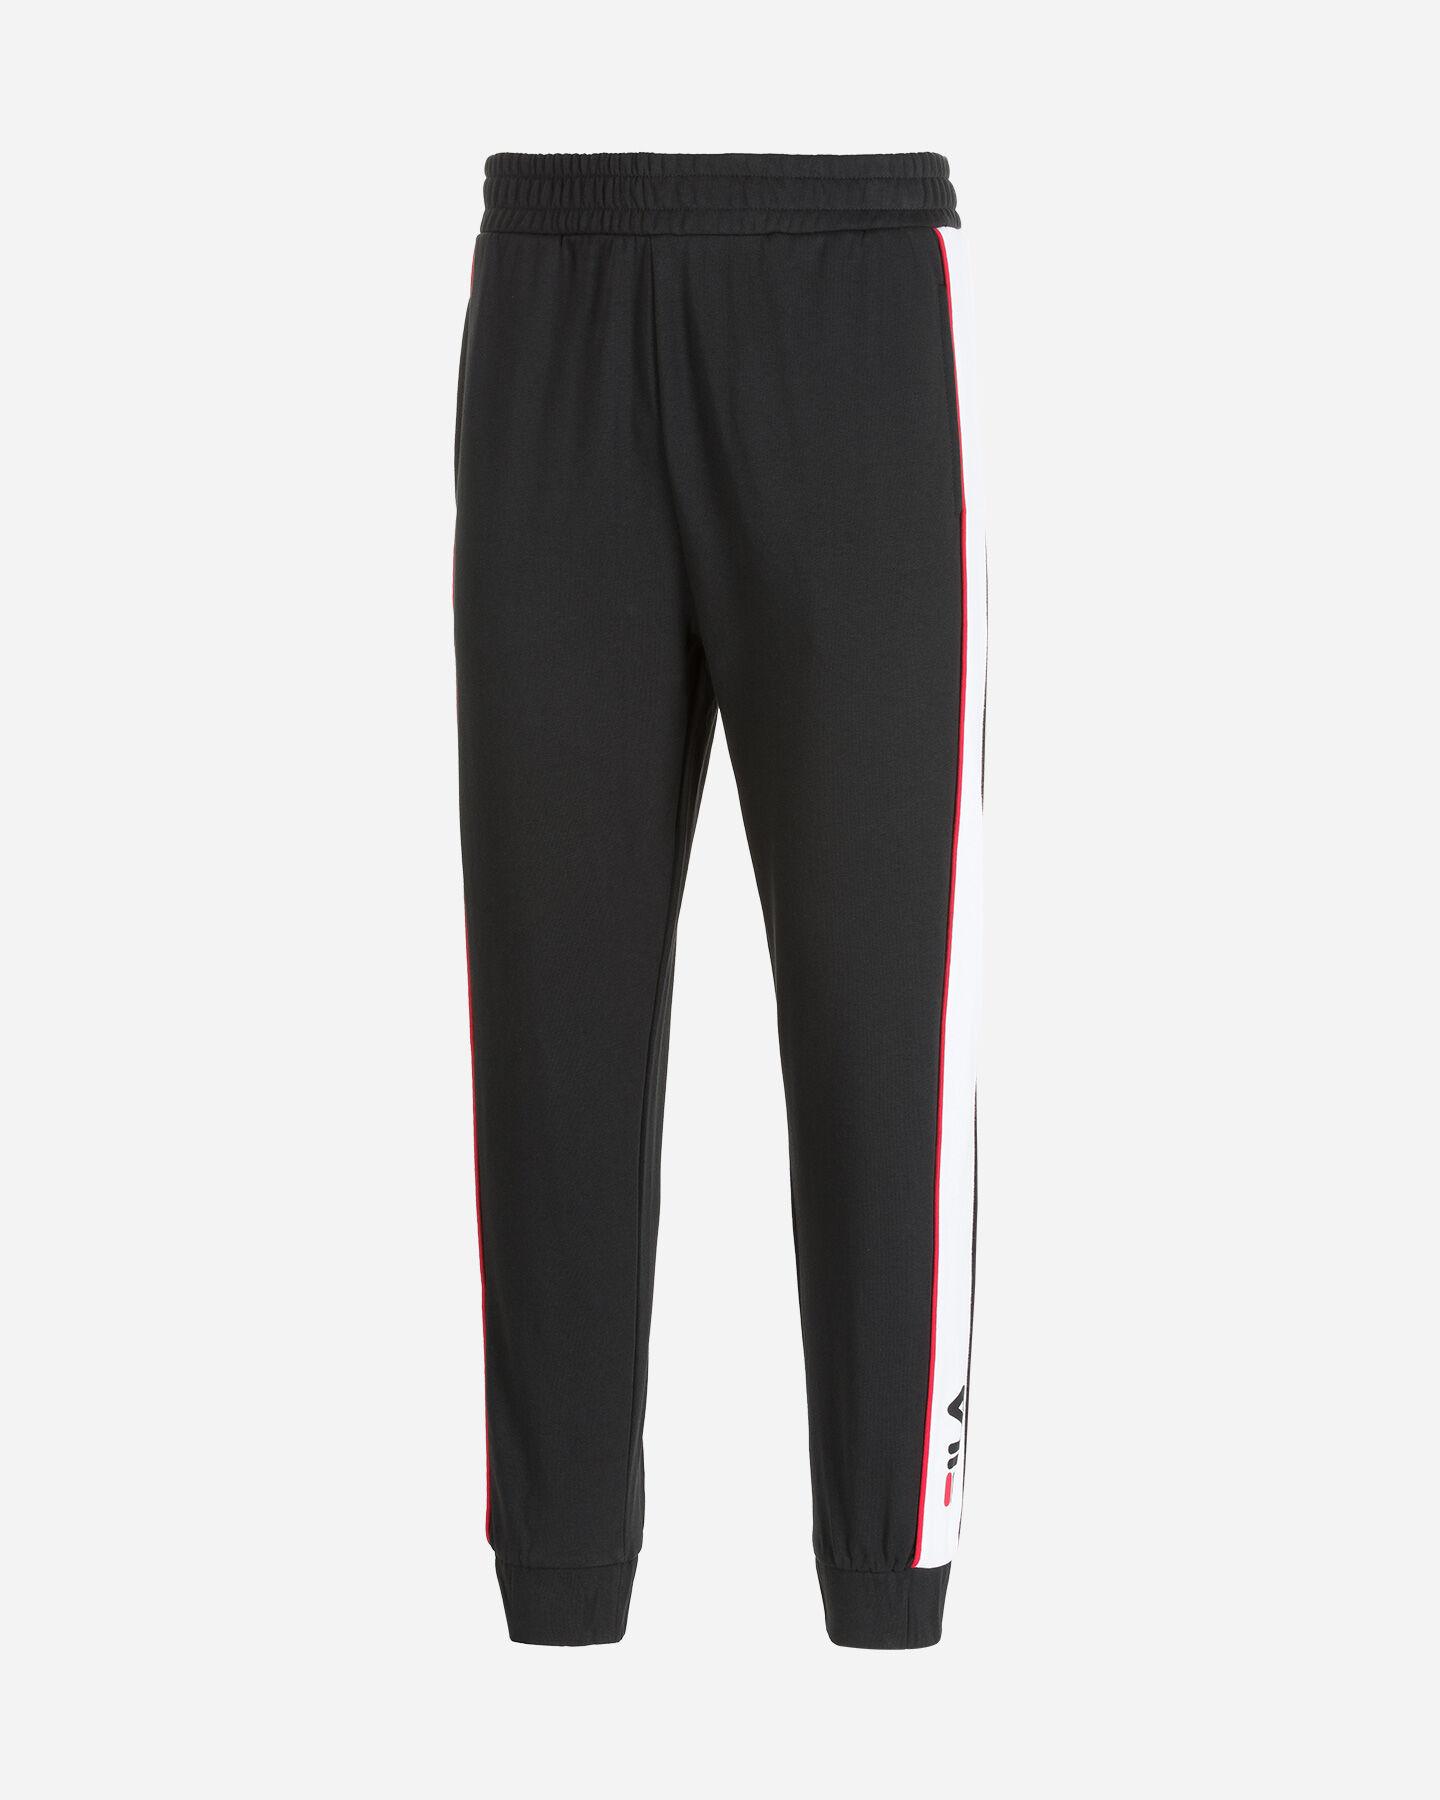 Pantalone FILA SMALL LOGO M S4080464 scatto 4